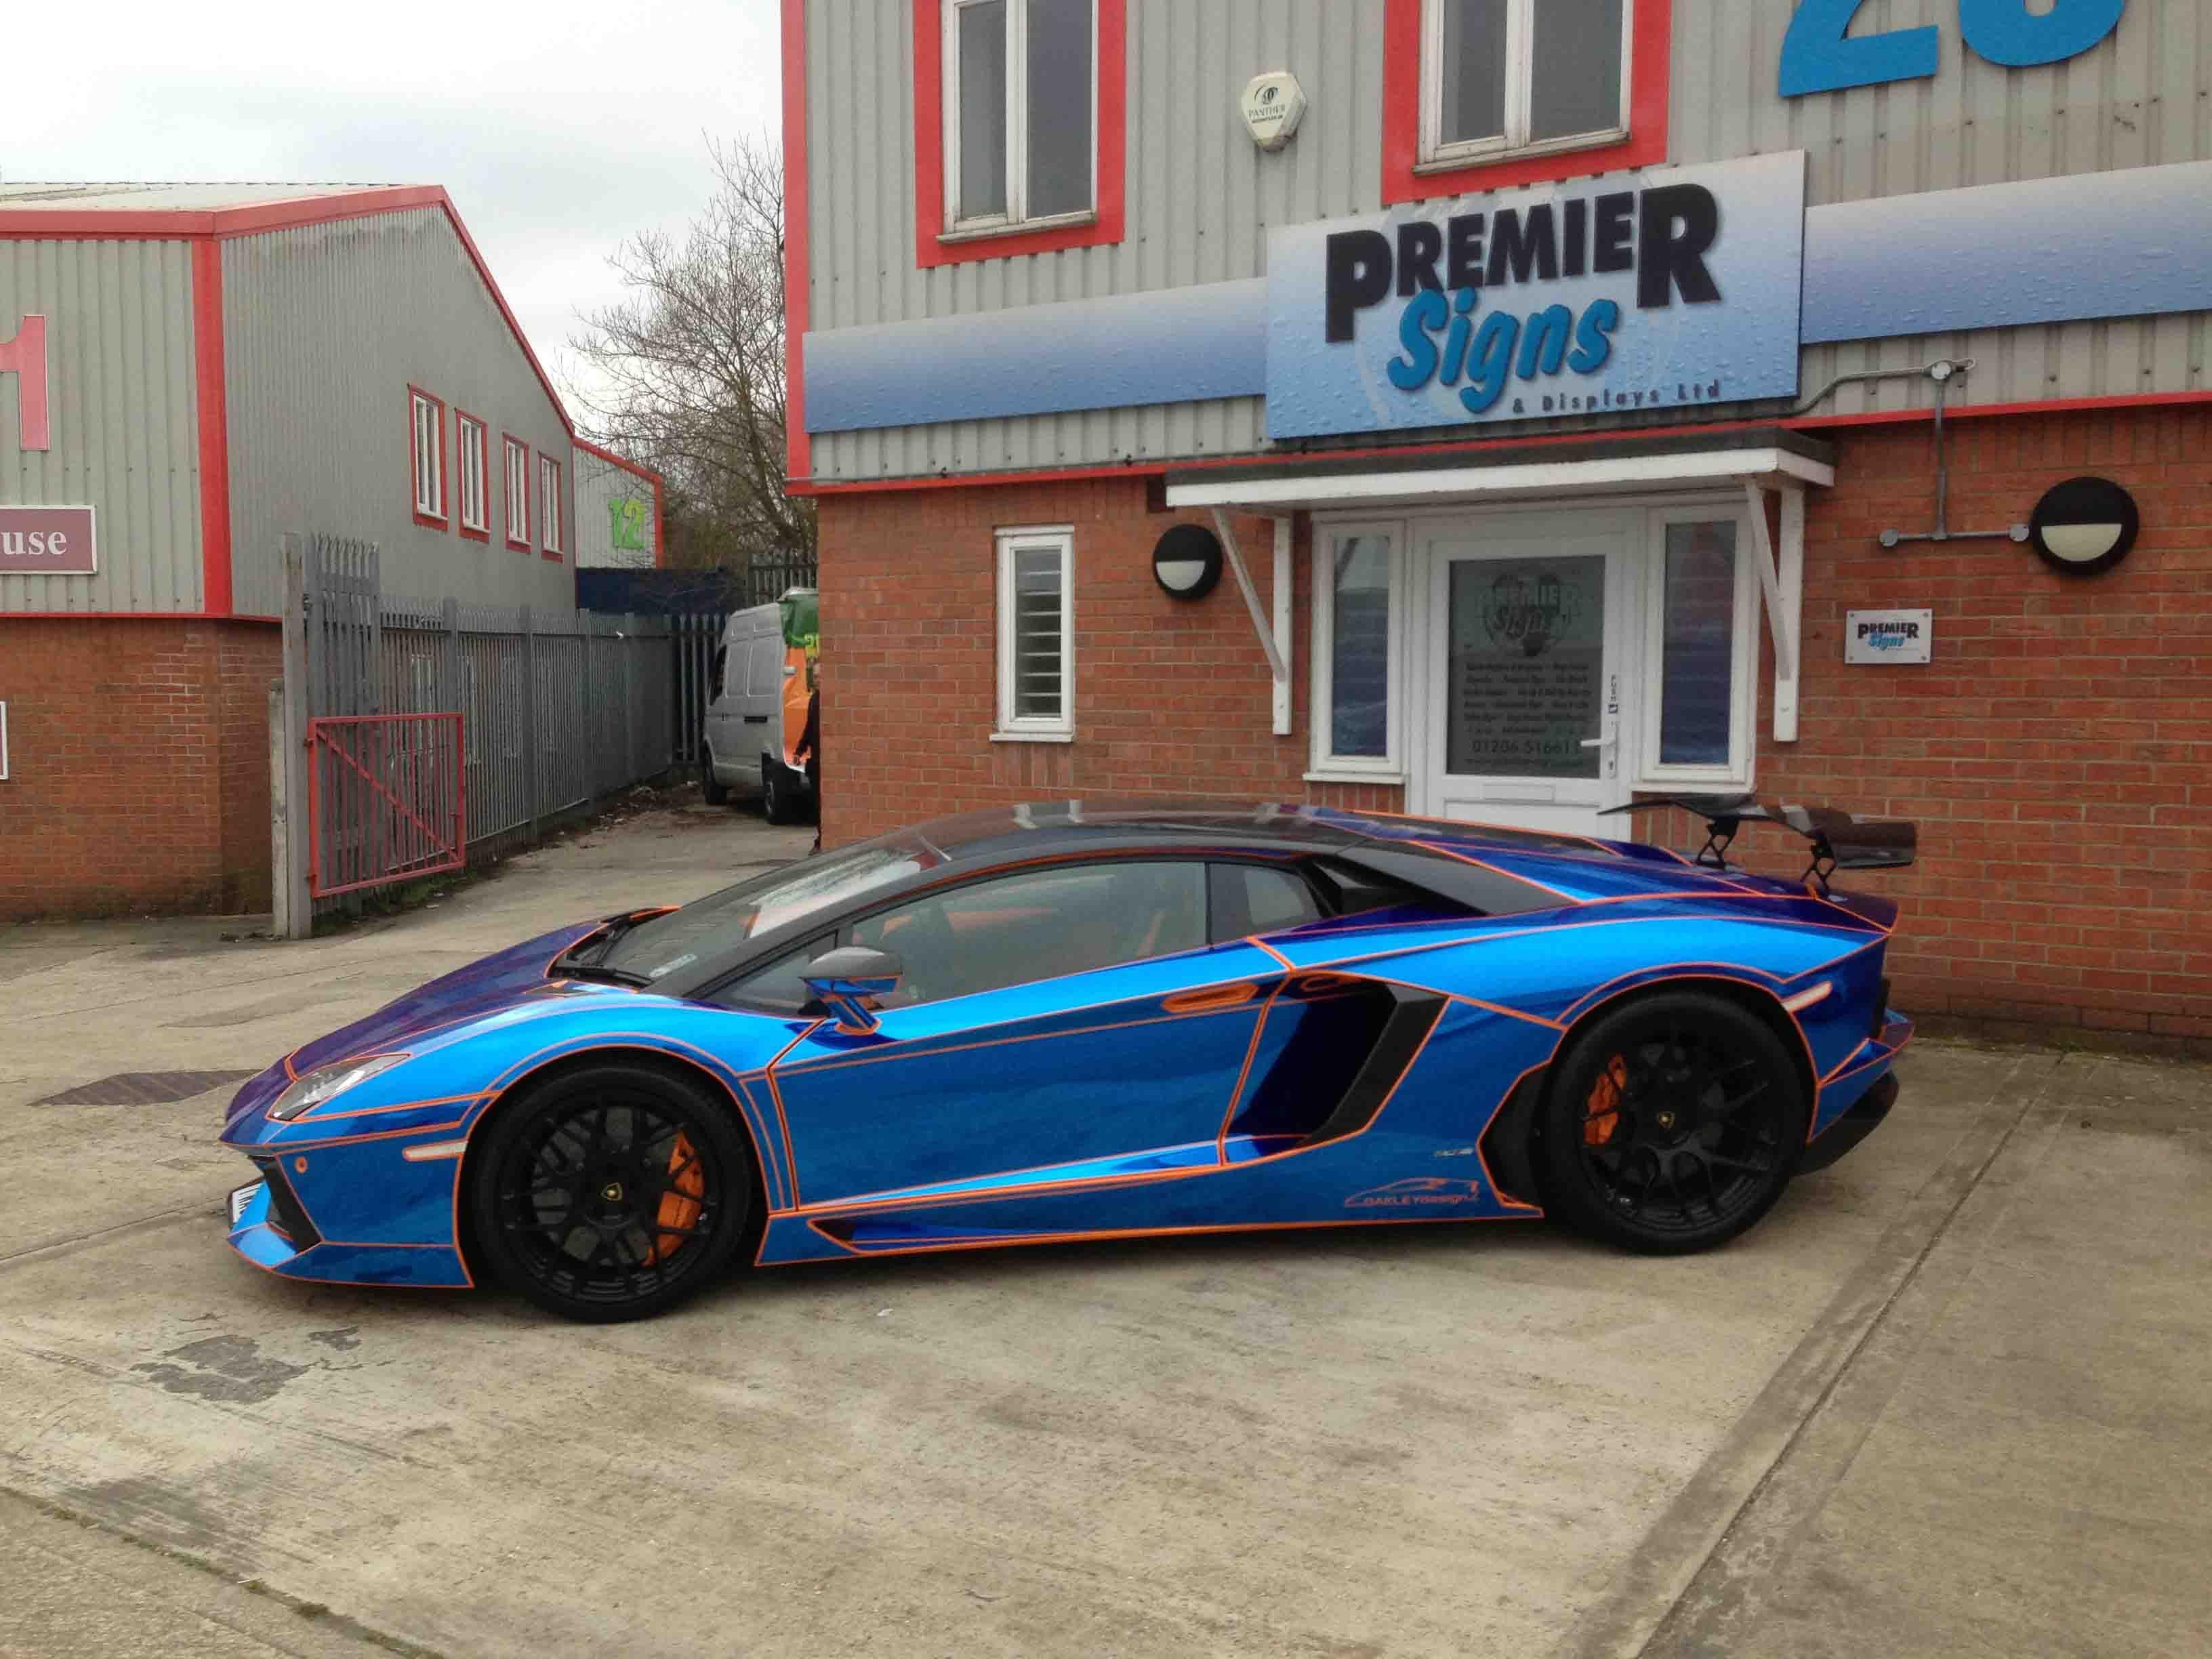 blue chrome tron style wrap by premier signs to orange oakley design lamborghini aventador lp760 - Lamborghini Aventador Blue Chrome